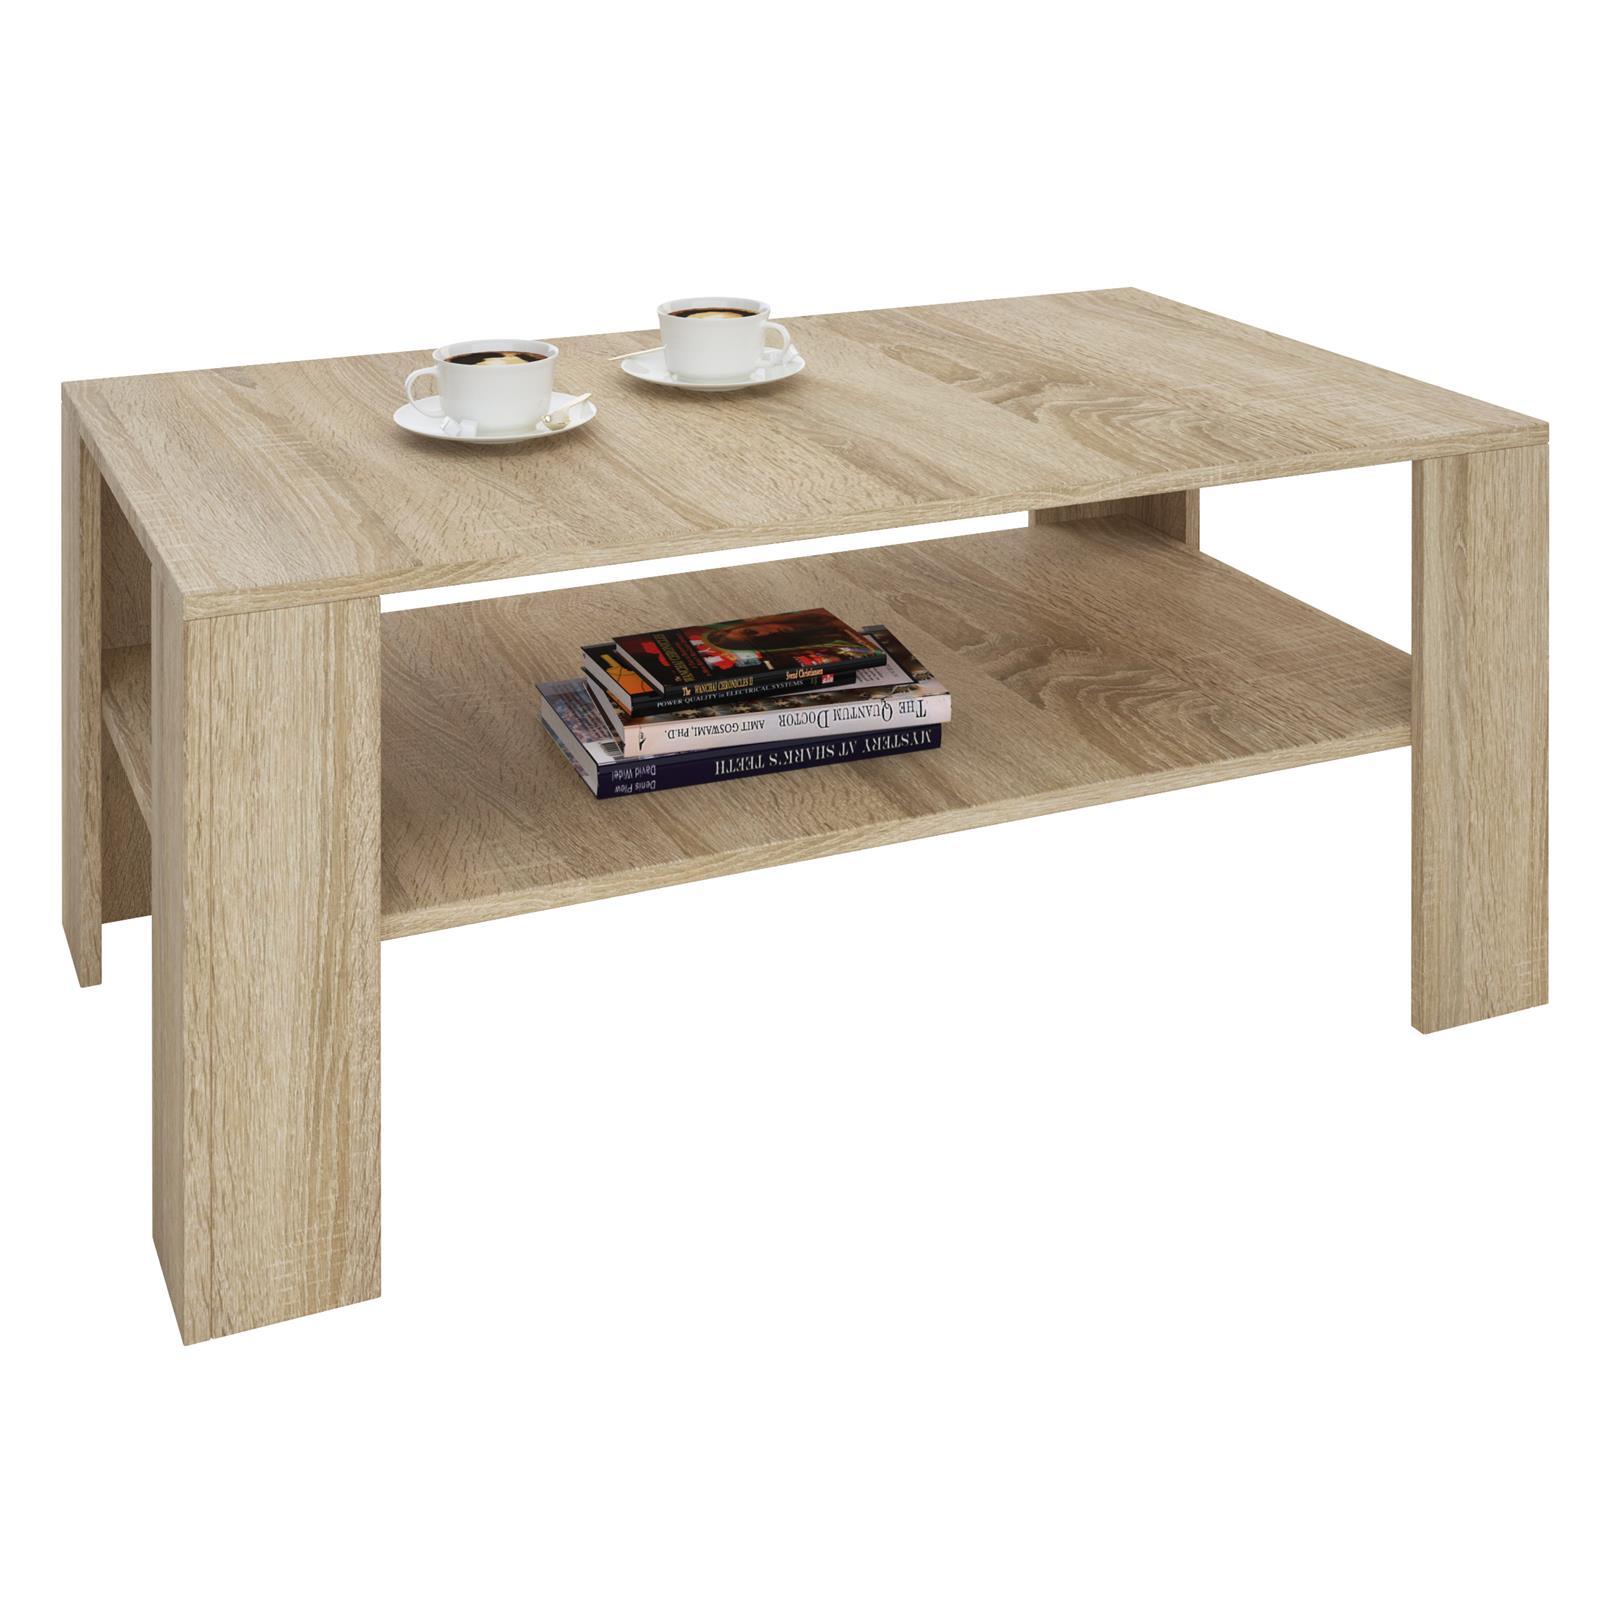 table basse lorient en m lamin d cor ch ne sonoma. Black Bedroom Furniture Sets. Home Design Ideas